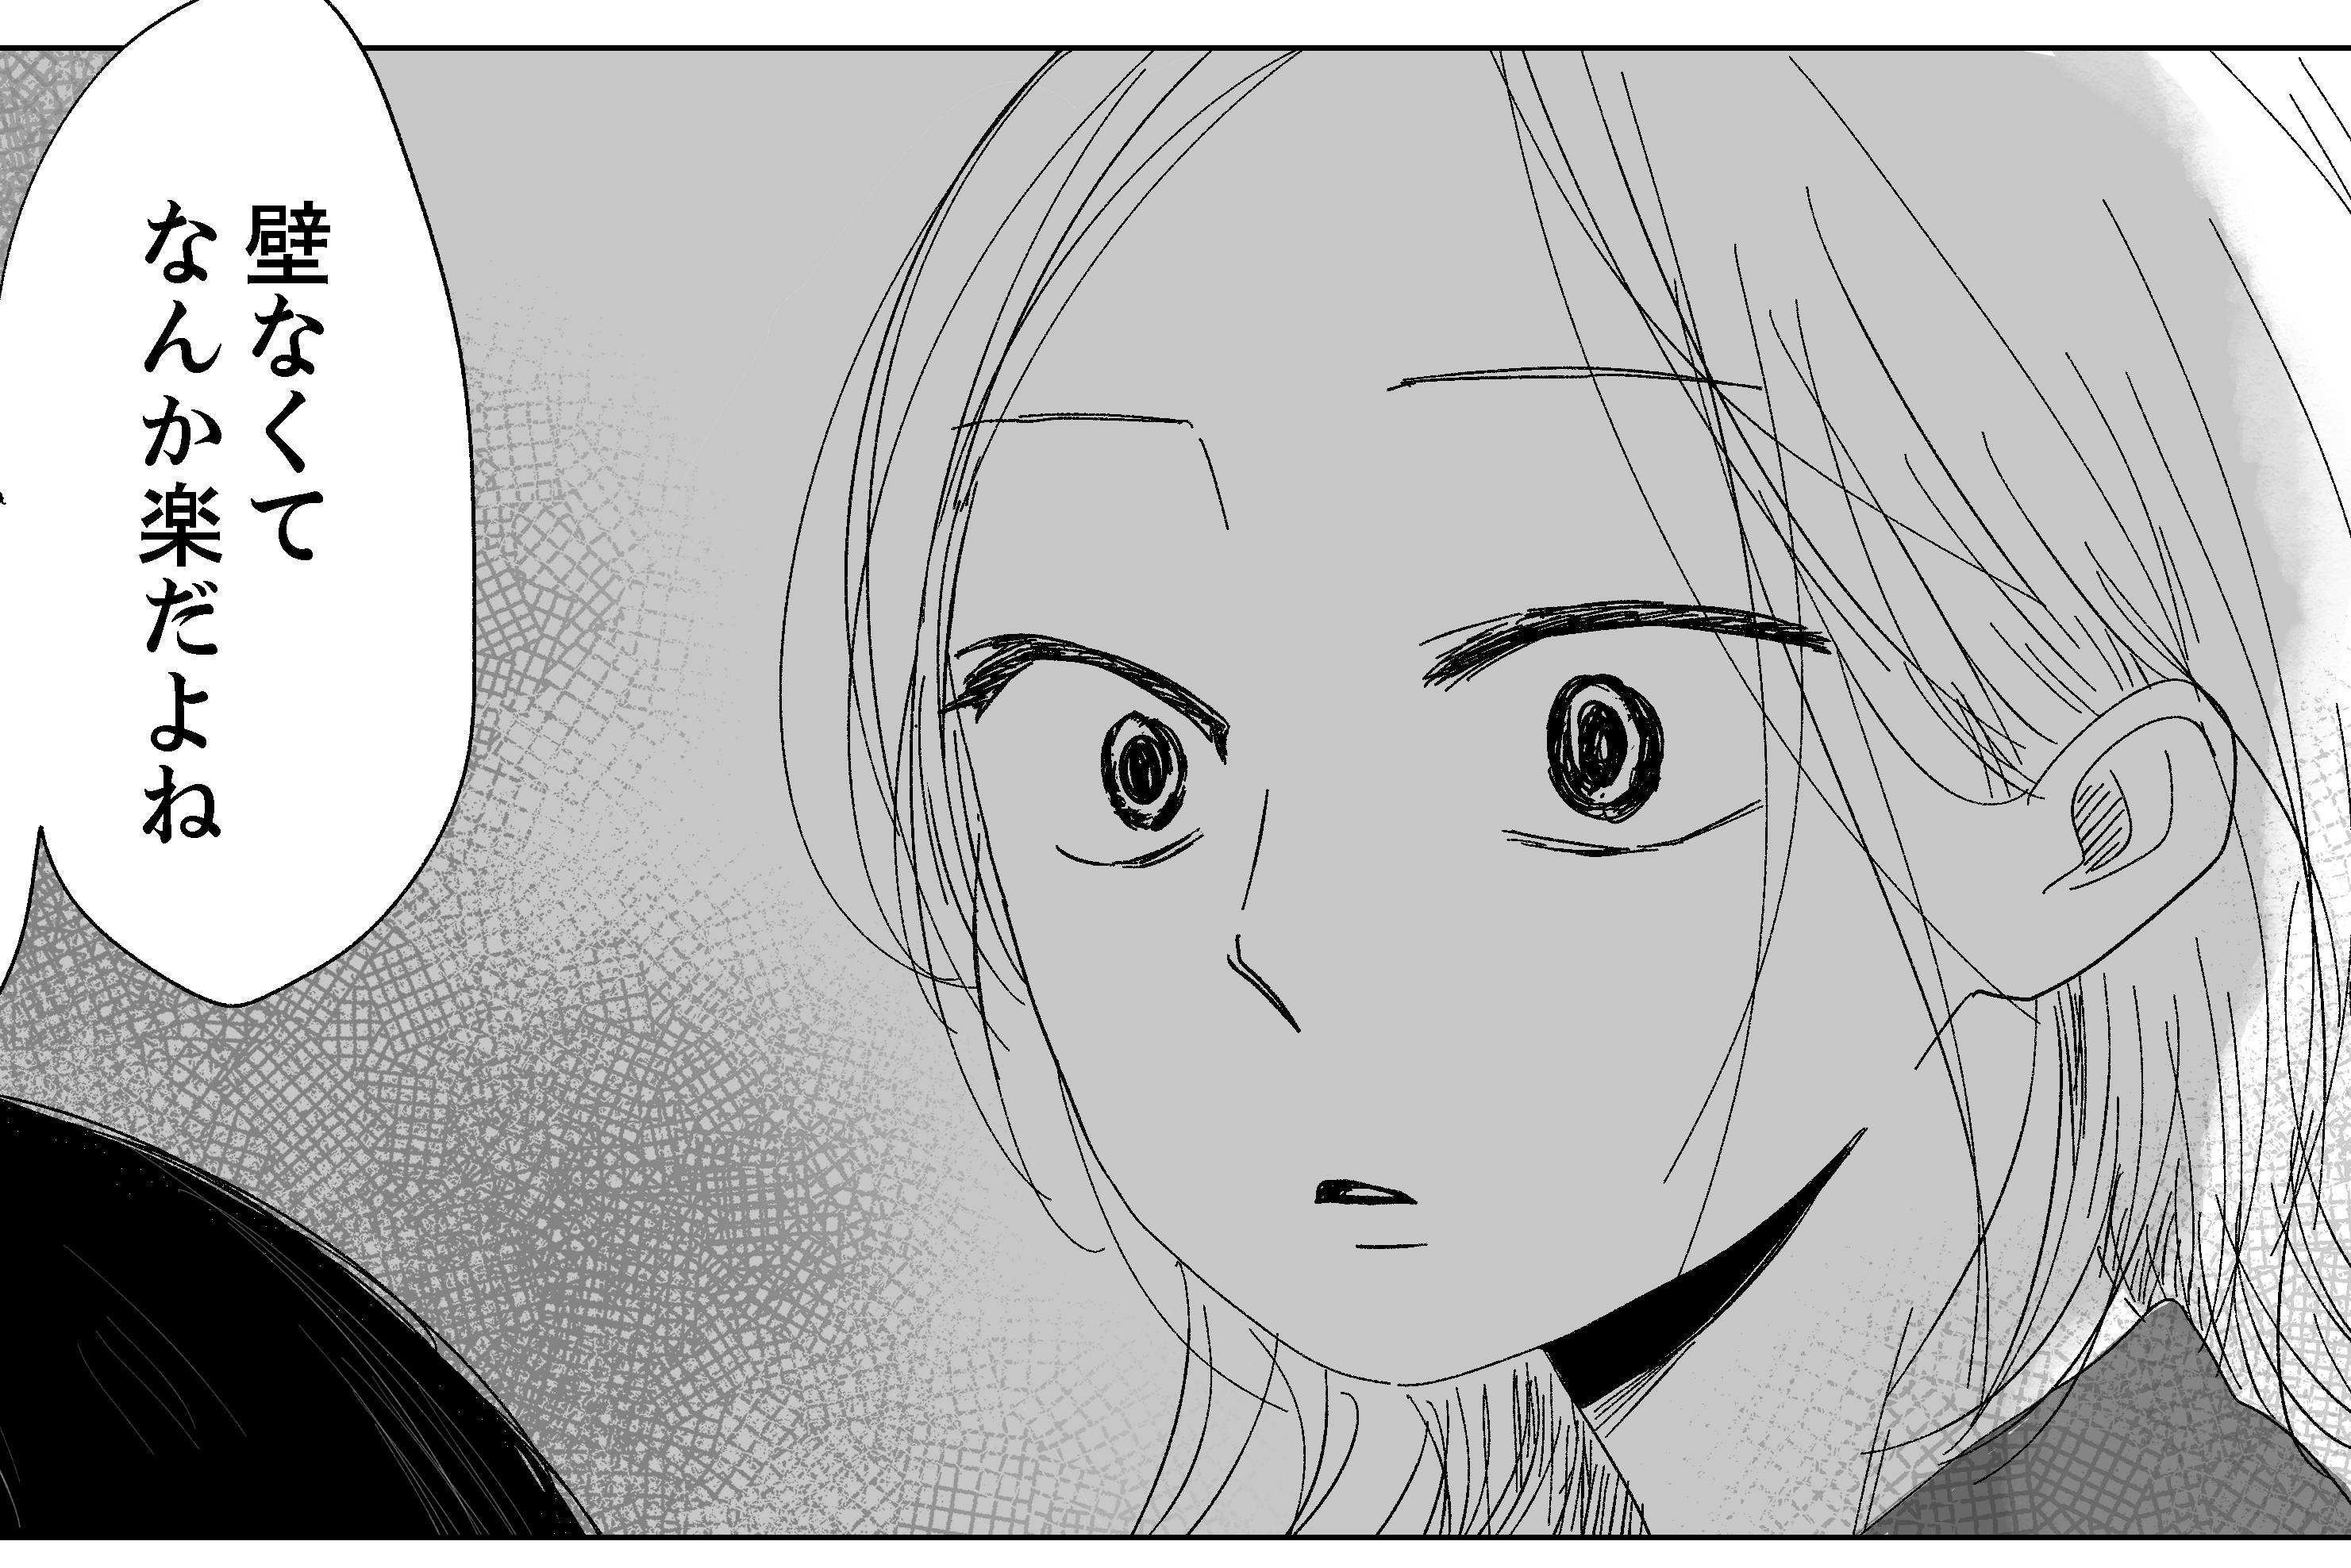 【漫画】「私も太一さんとセックスしたとき…」レンアイの本当の苦しみ/もしも世界に「レンアイ」がなかったら(12)